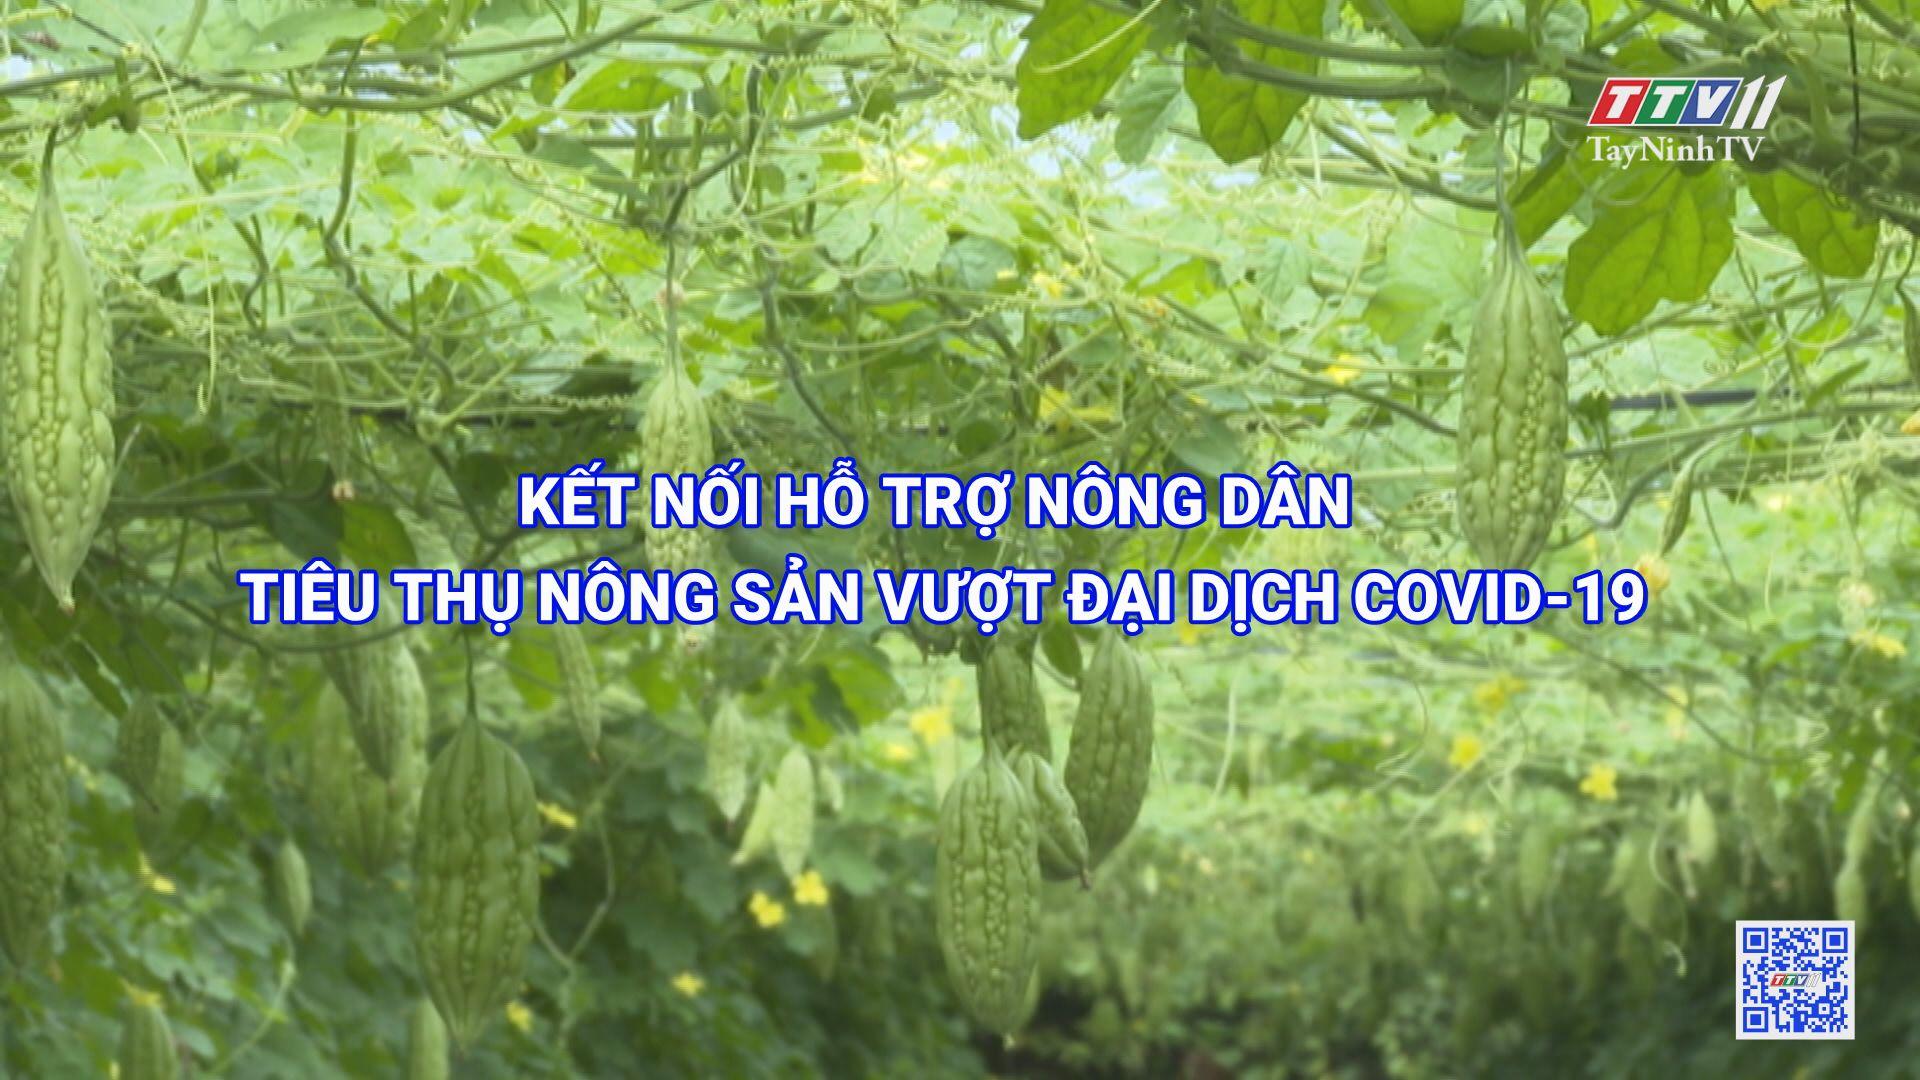 Kết nối hỗ trợ nông dân tiêu thụ nông sản vượt qua đại dịch Covid-19 | TIẾNG NÓI CỬ TRI | TayNinhTV